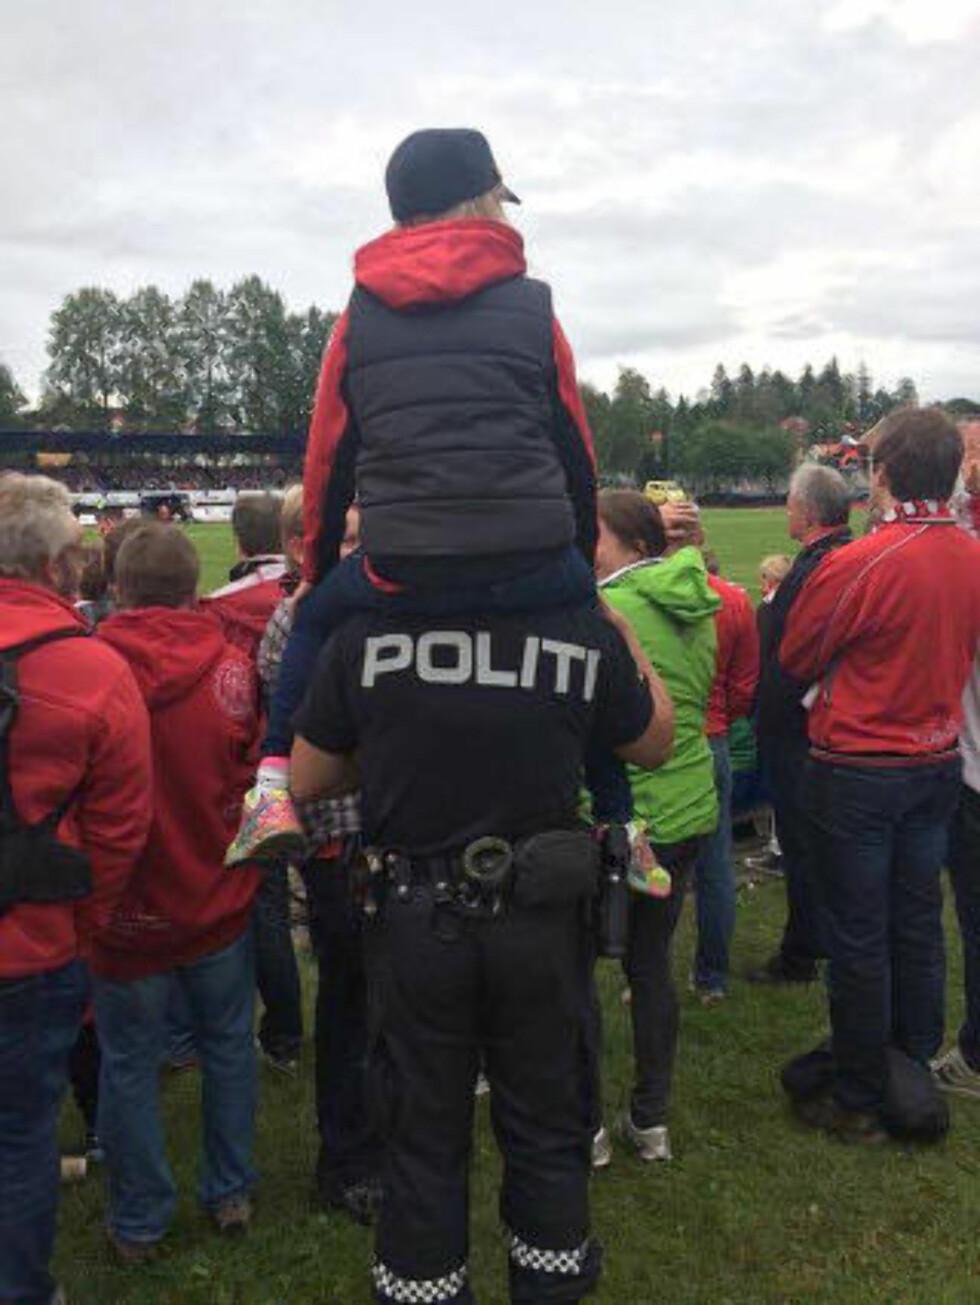 TILGJENGELIG: - - En del av oppgavene våre å være tilgjengelige når det er mulighet. Og vi valgte å dele dette bildet for å vise bredden i politiarbeidet, sier stasjonssjef Geir Solem. Foto: Follo politidistrikt